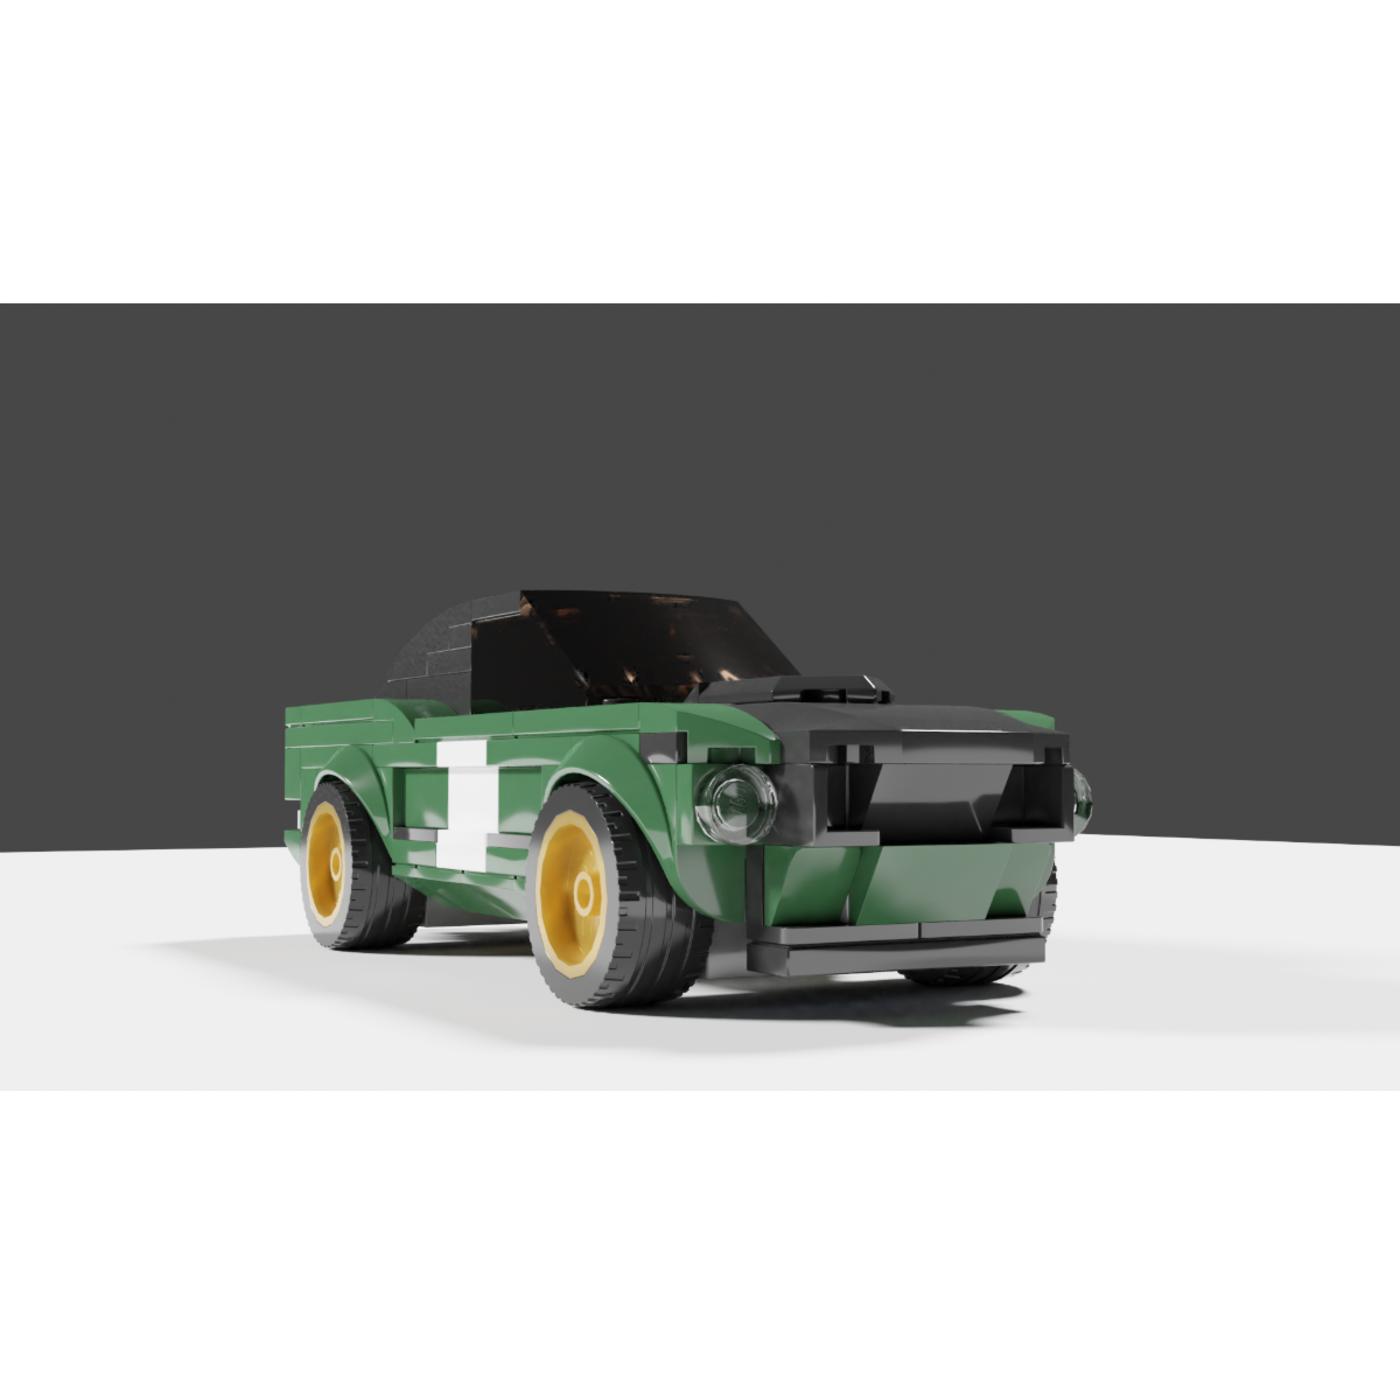 LEGO Ford